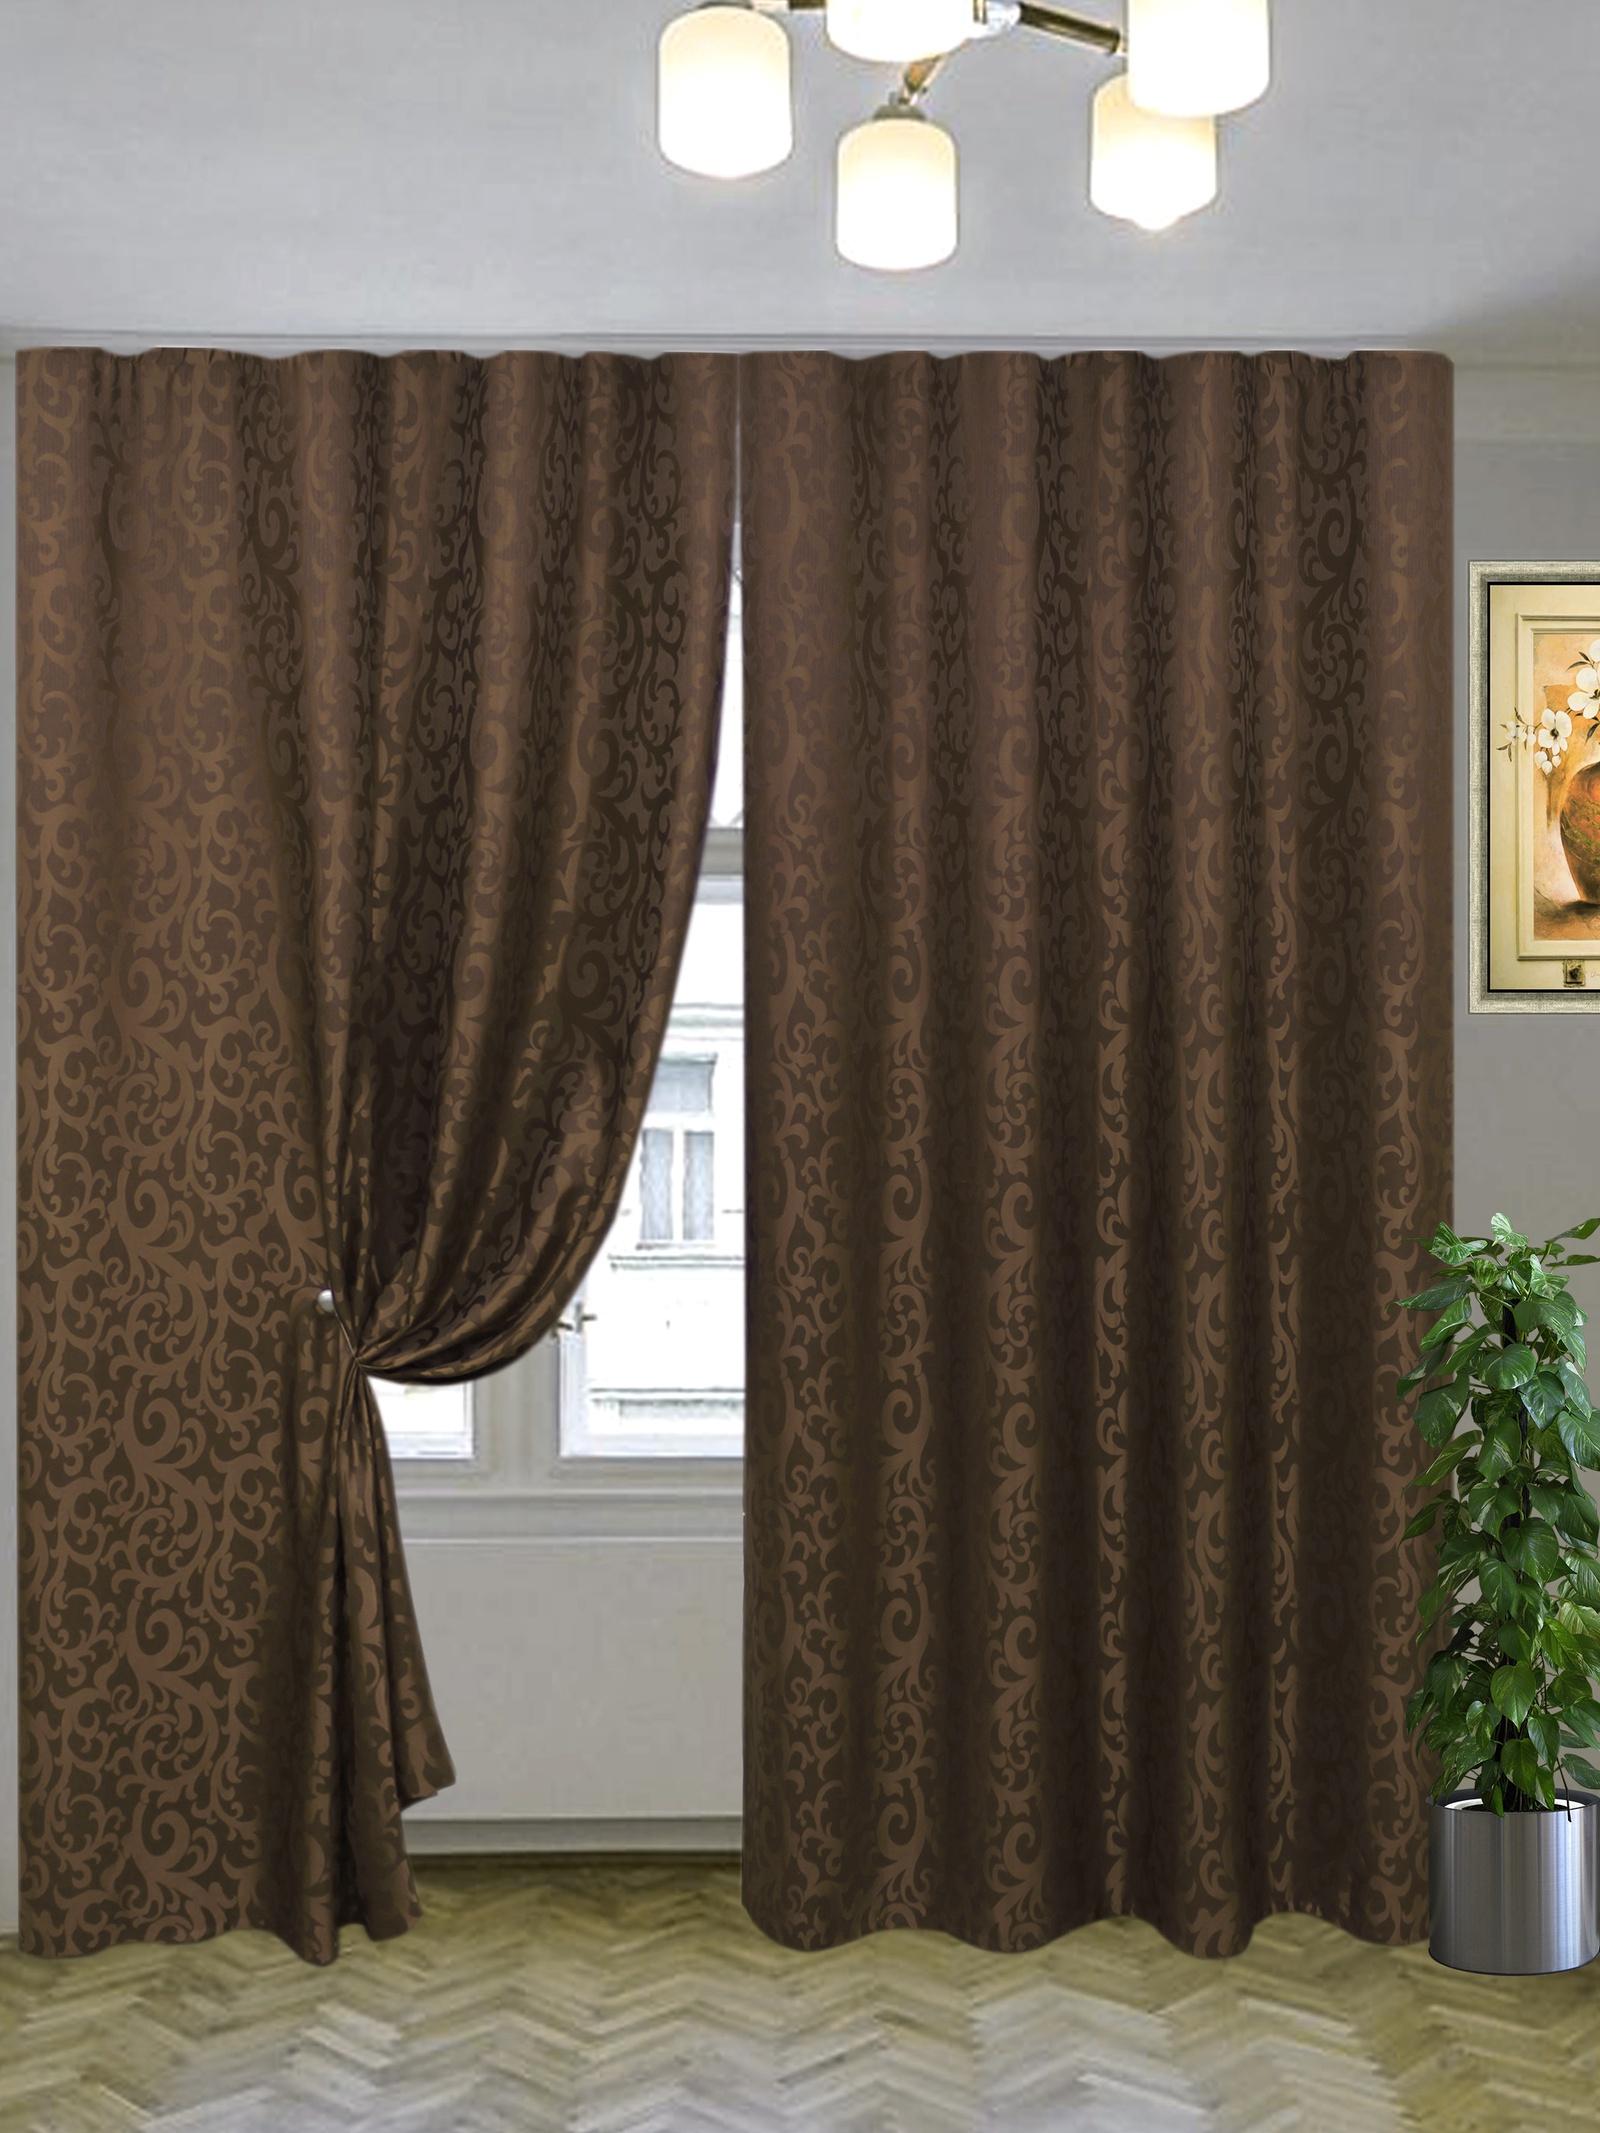 Комплект штор Текстиль.ру ТЕК-КШ-Эвелина-14-3*2,5-Т, темно-коричневый